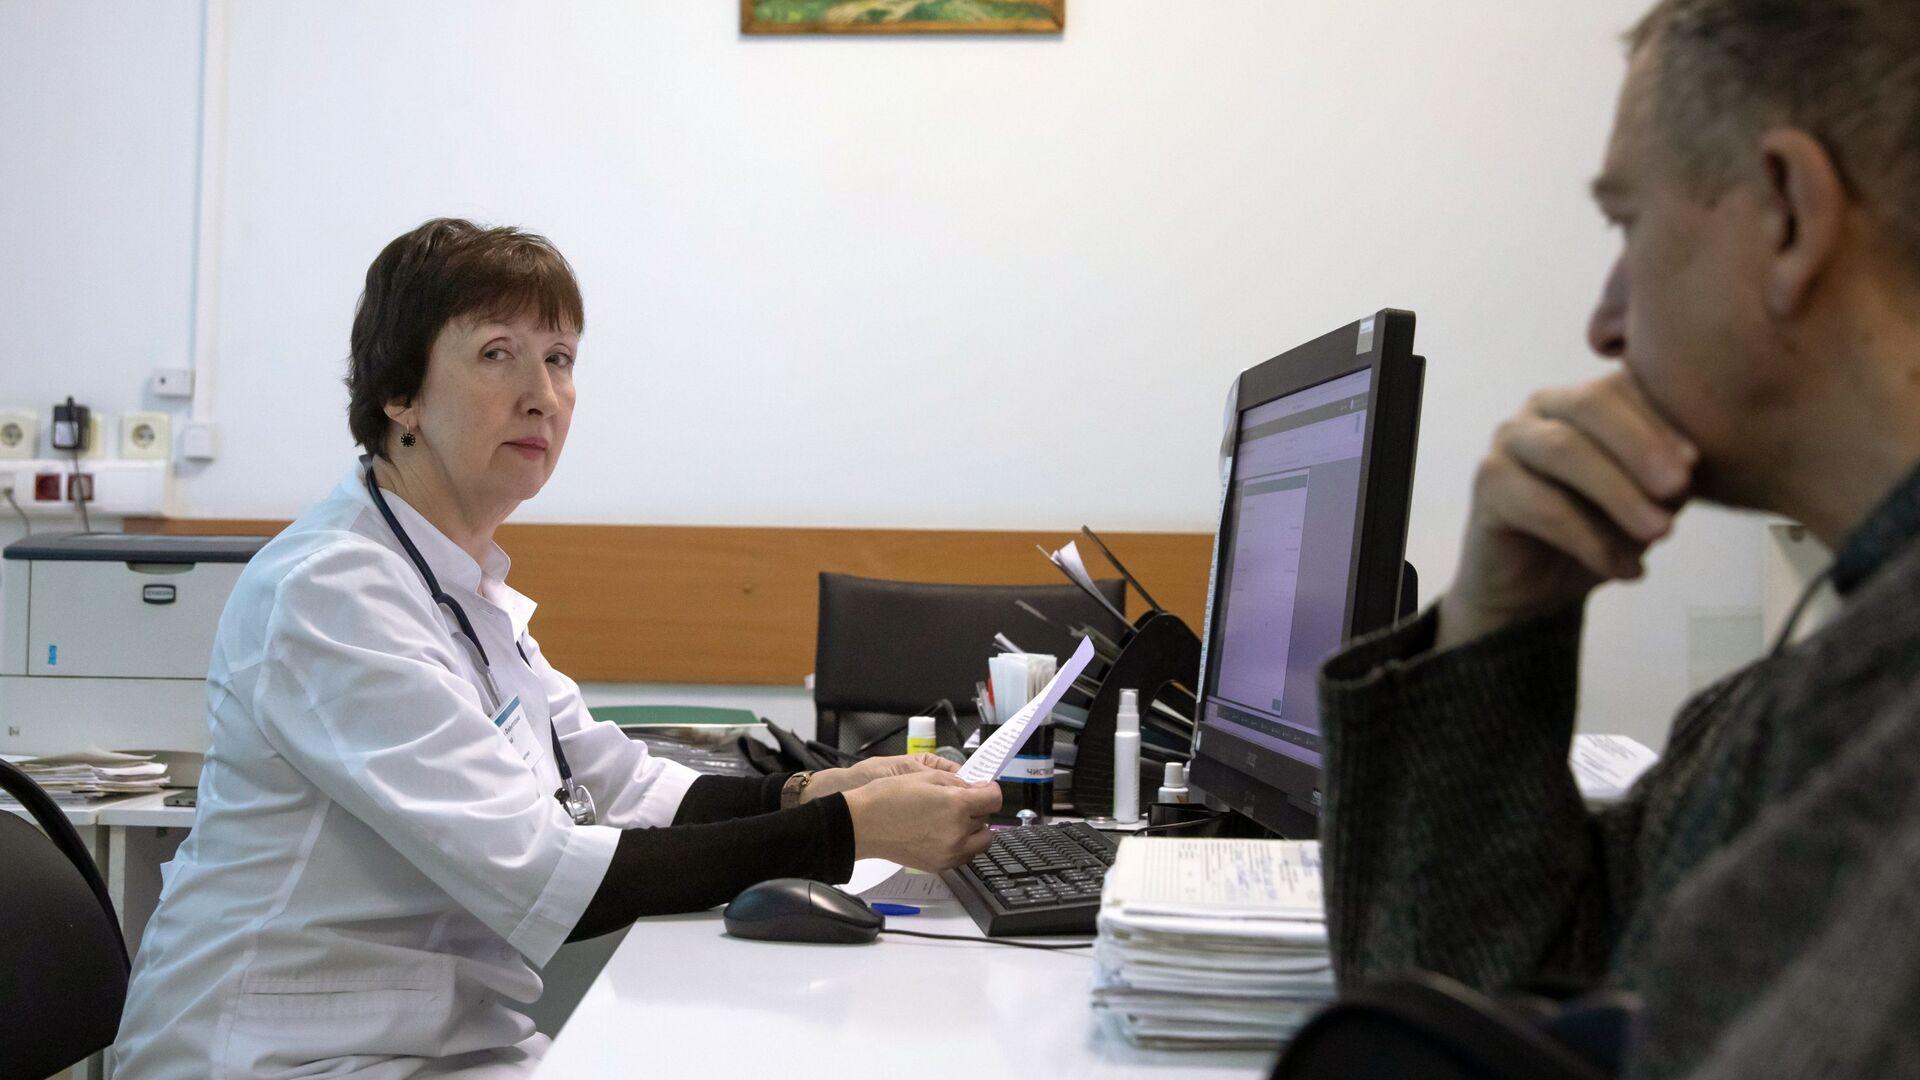 Пациент в кабинете терапевта в городской поликлинике  - Sputnik Беларусь, 1920, 22.09.2021